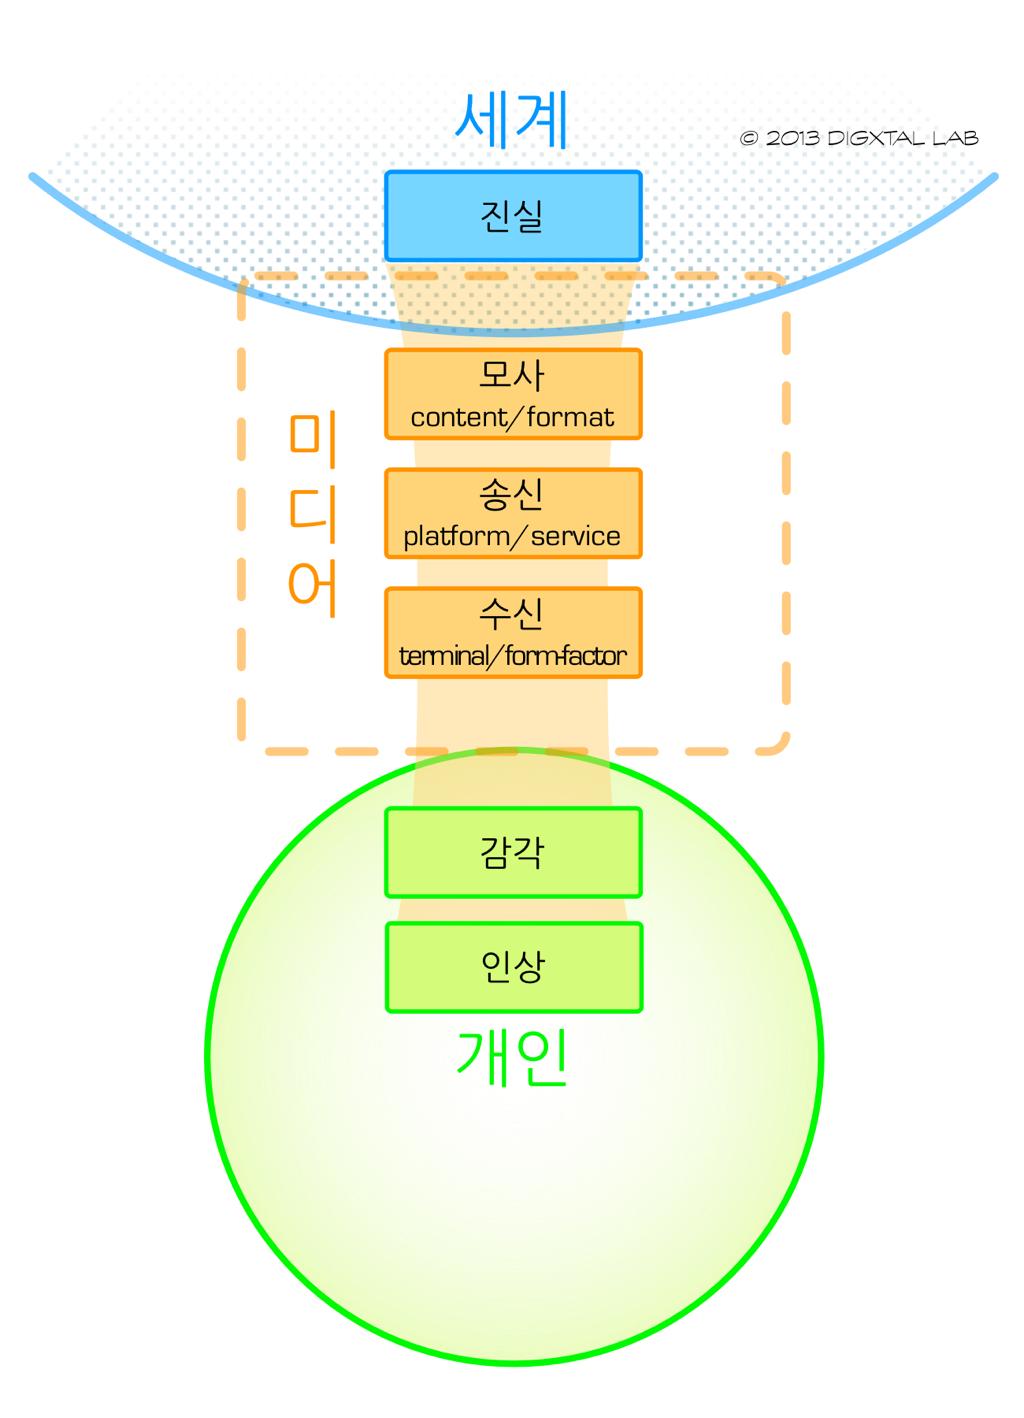 [프로젝트: 폼팩터] 2. 미디어 모델링 (1편)